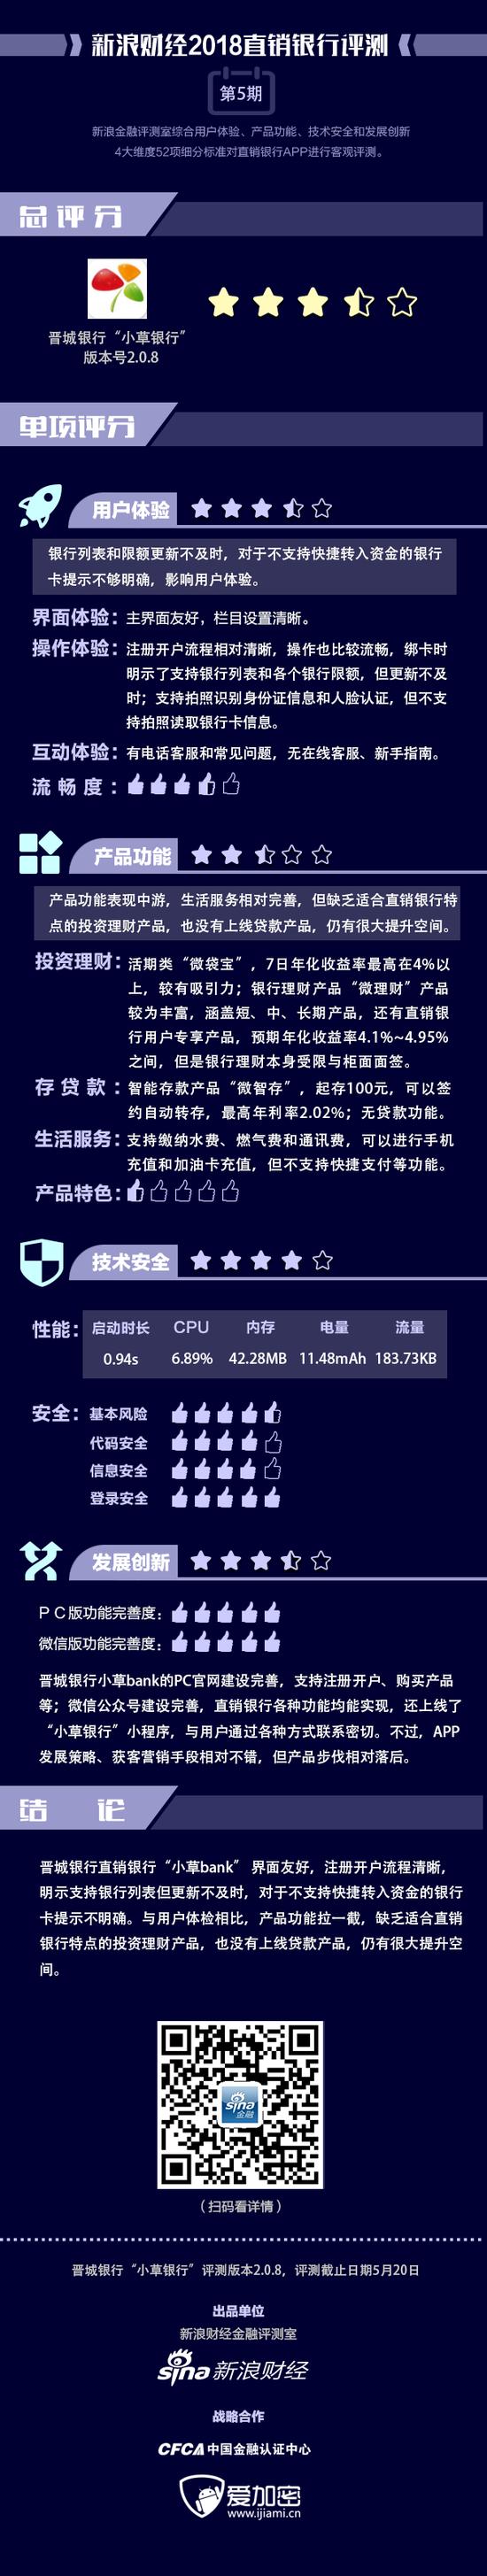 晋城银行小草银行资金转入体验欠佳 产品功能拖后腿